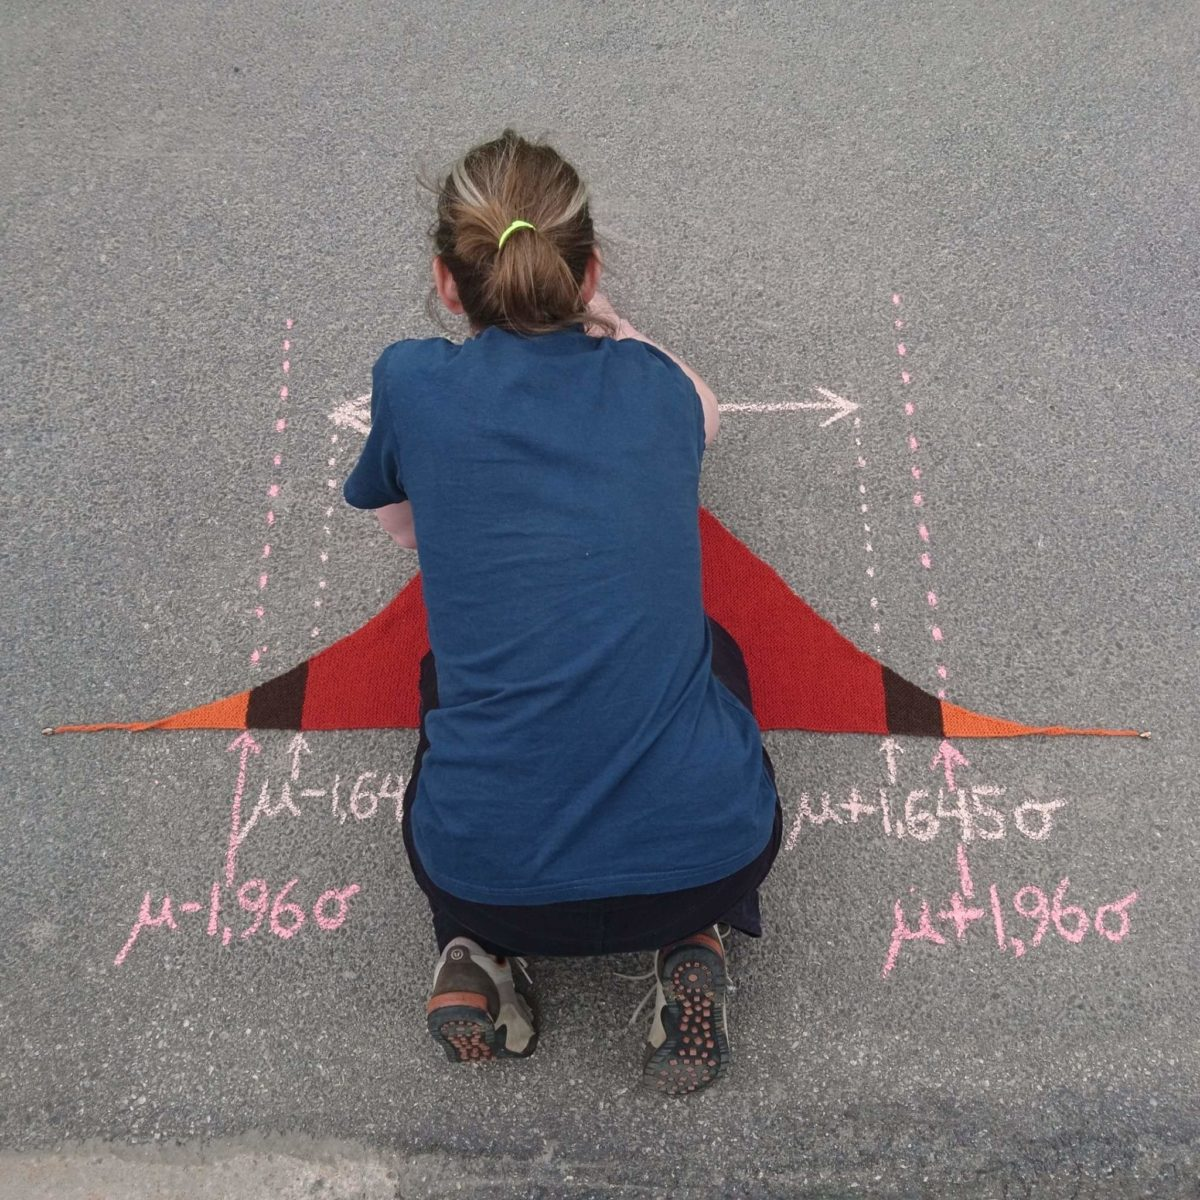 Gatekritt og normalfordeling